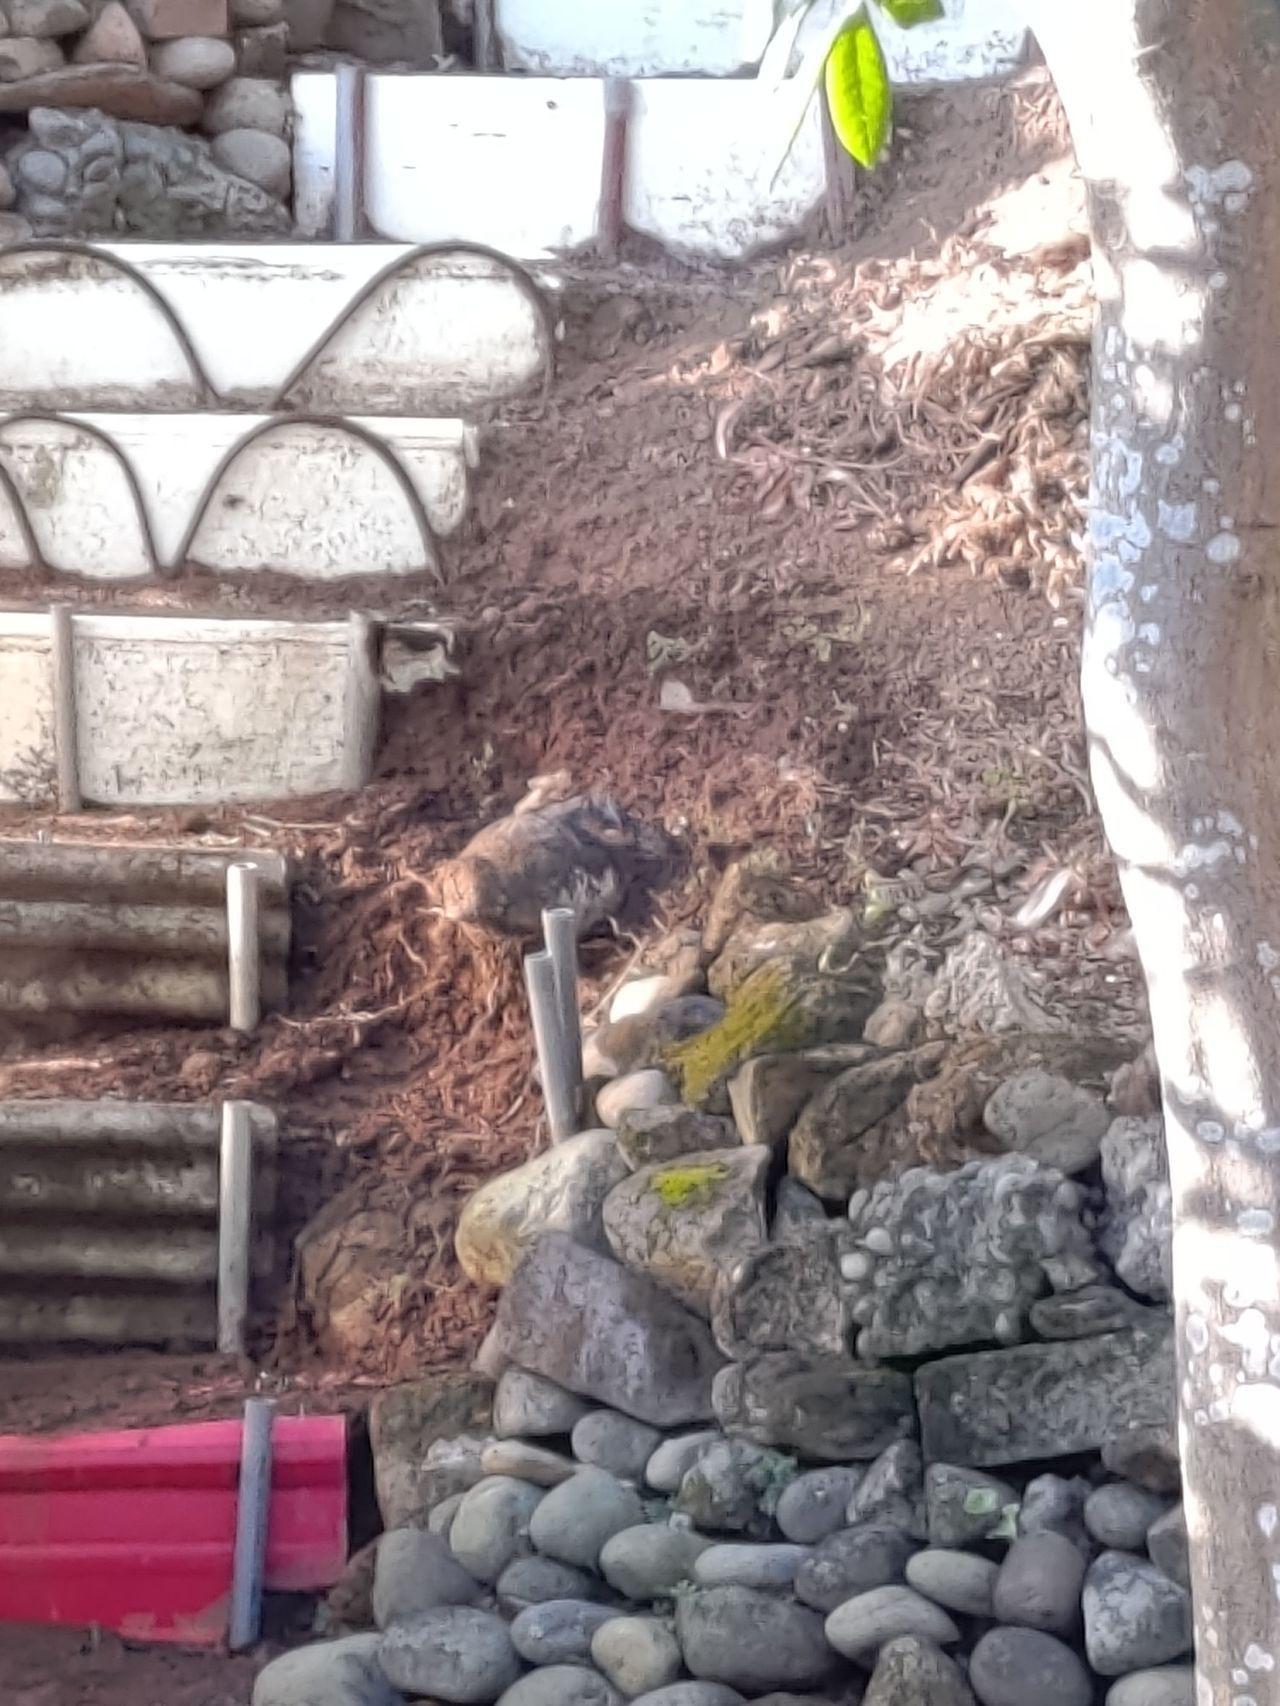 新北市淡水區民宅後面山坡地發現未爆彈。記者林昭彰/翻攝